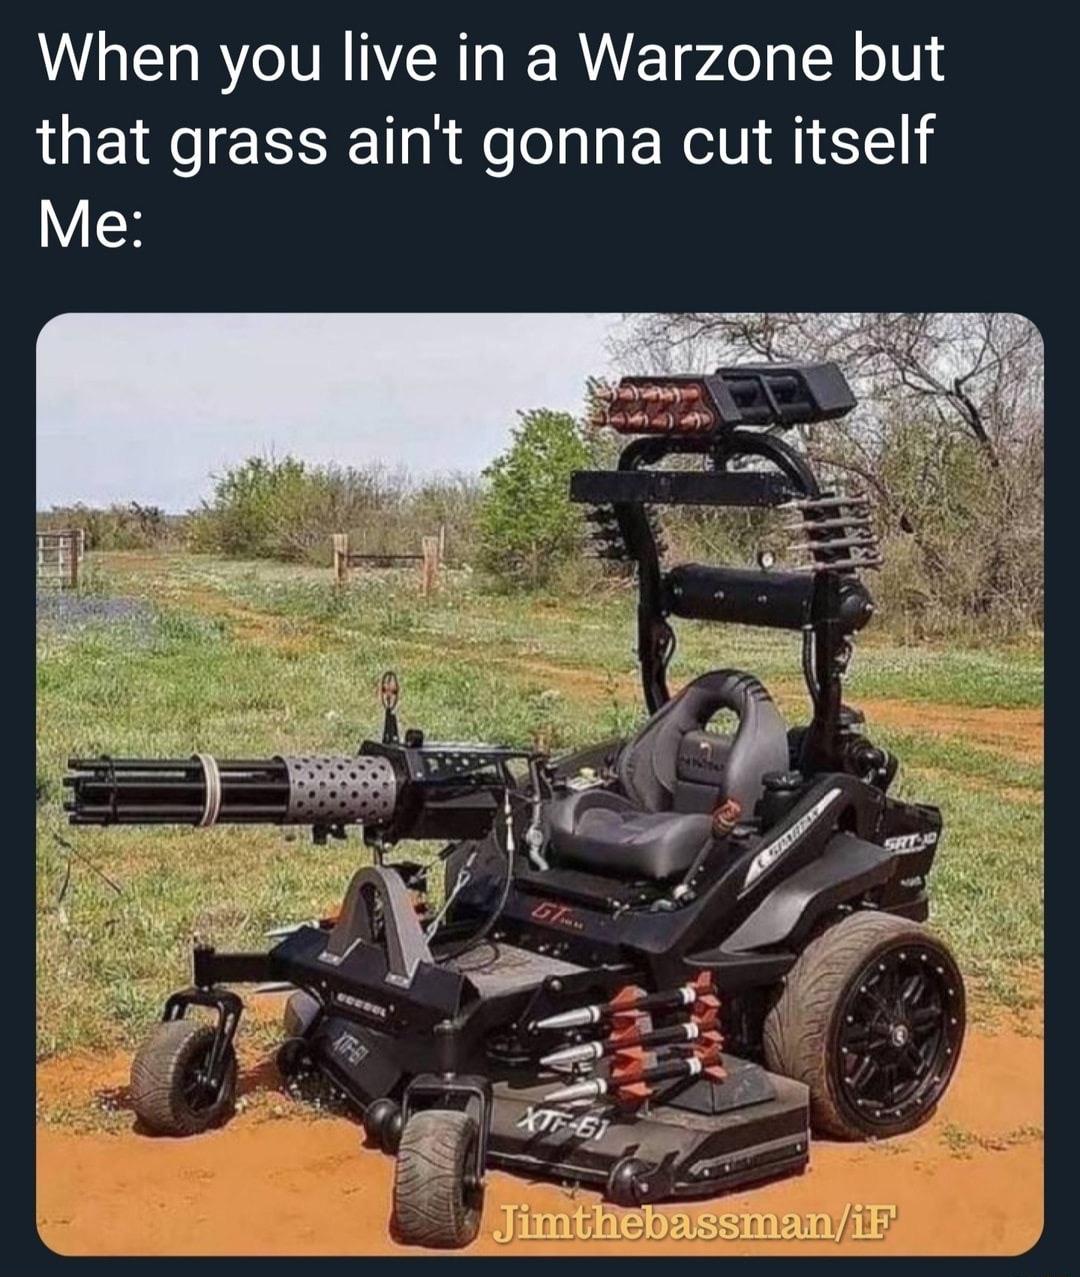 mower go rmrmrmrmmrmmmrmrmrmrmrm - meme